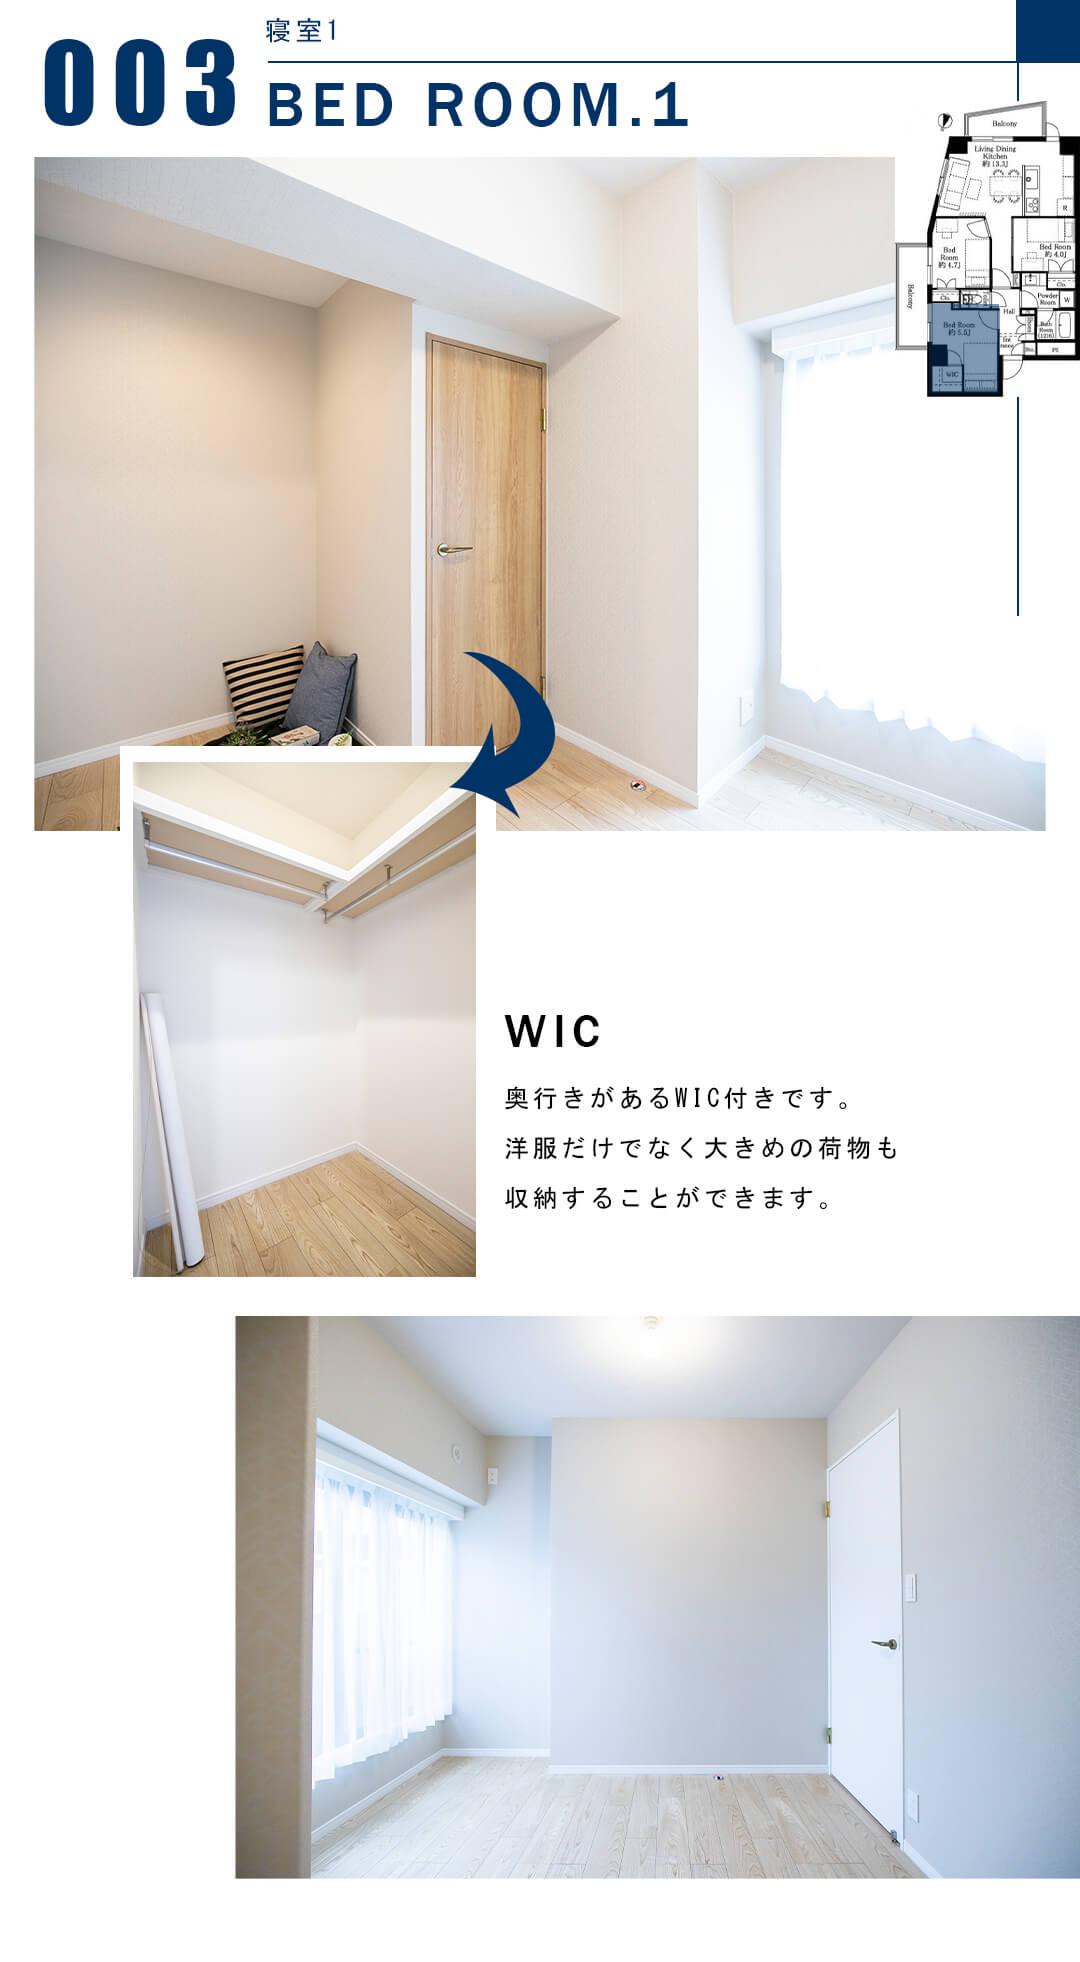 003寝室1,BED ROOM.1